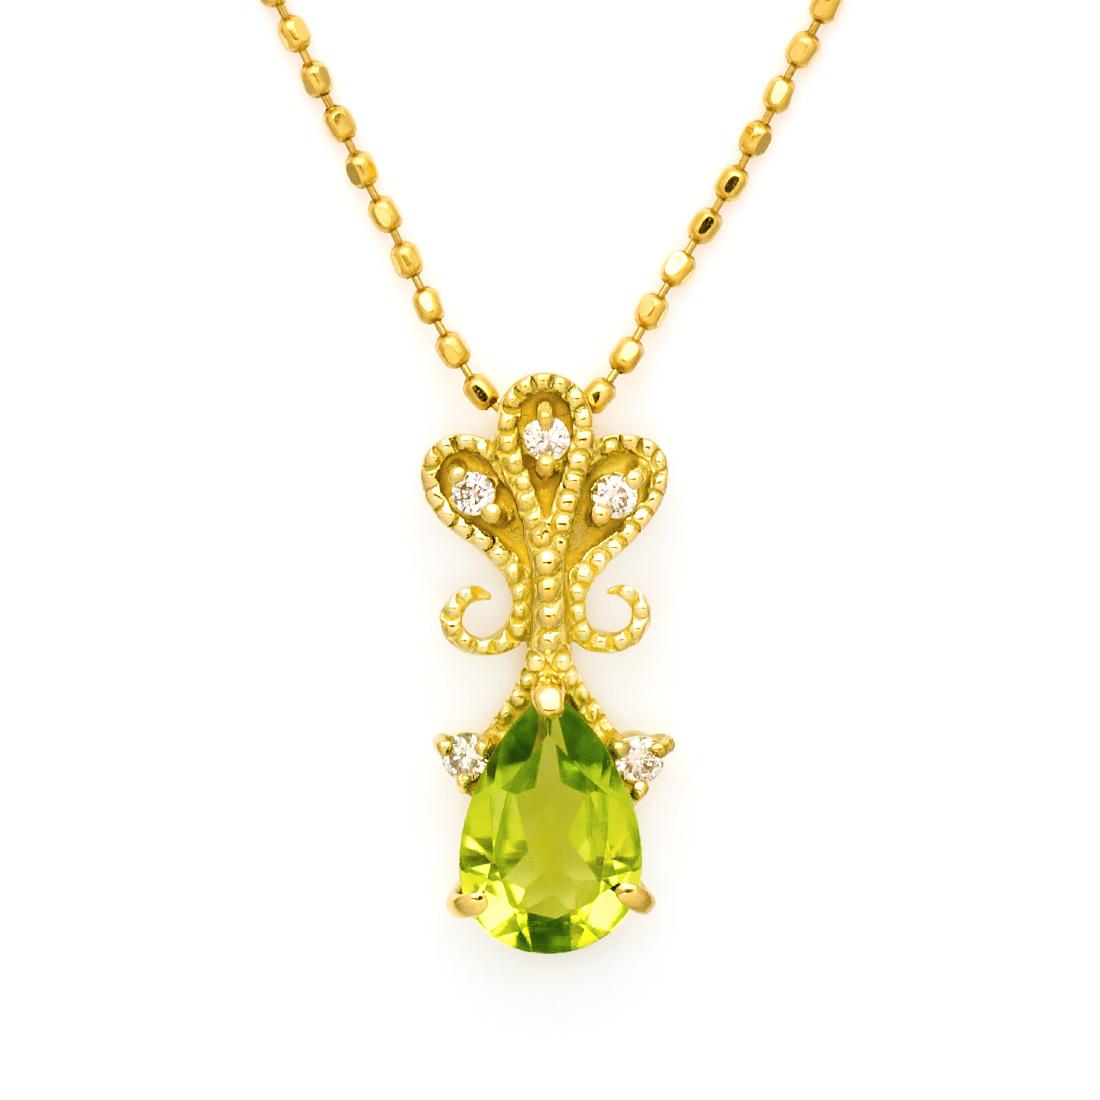 ペンダントトップ ペリドット ダイヤモンド 「lacrima」 ゴールド K18